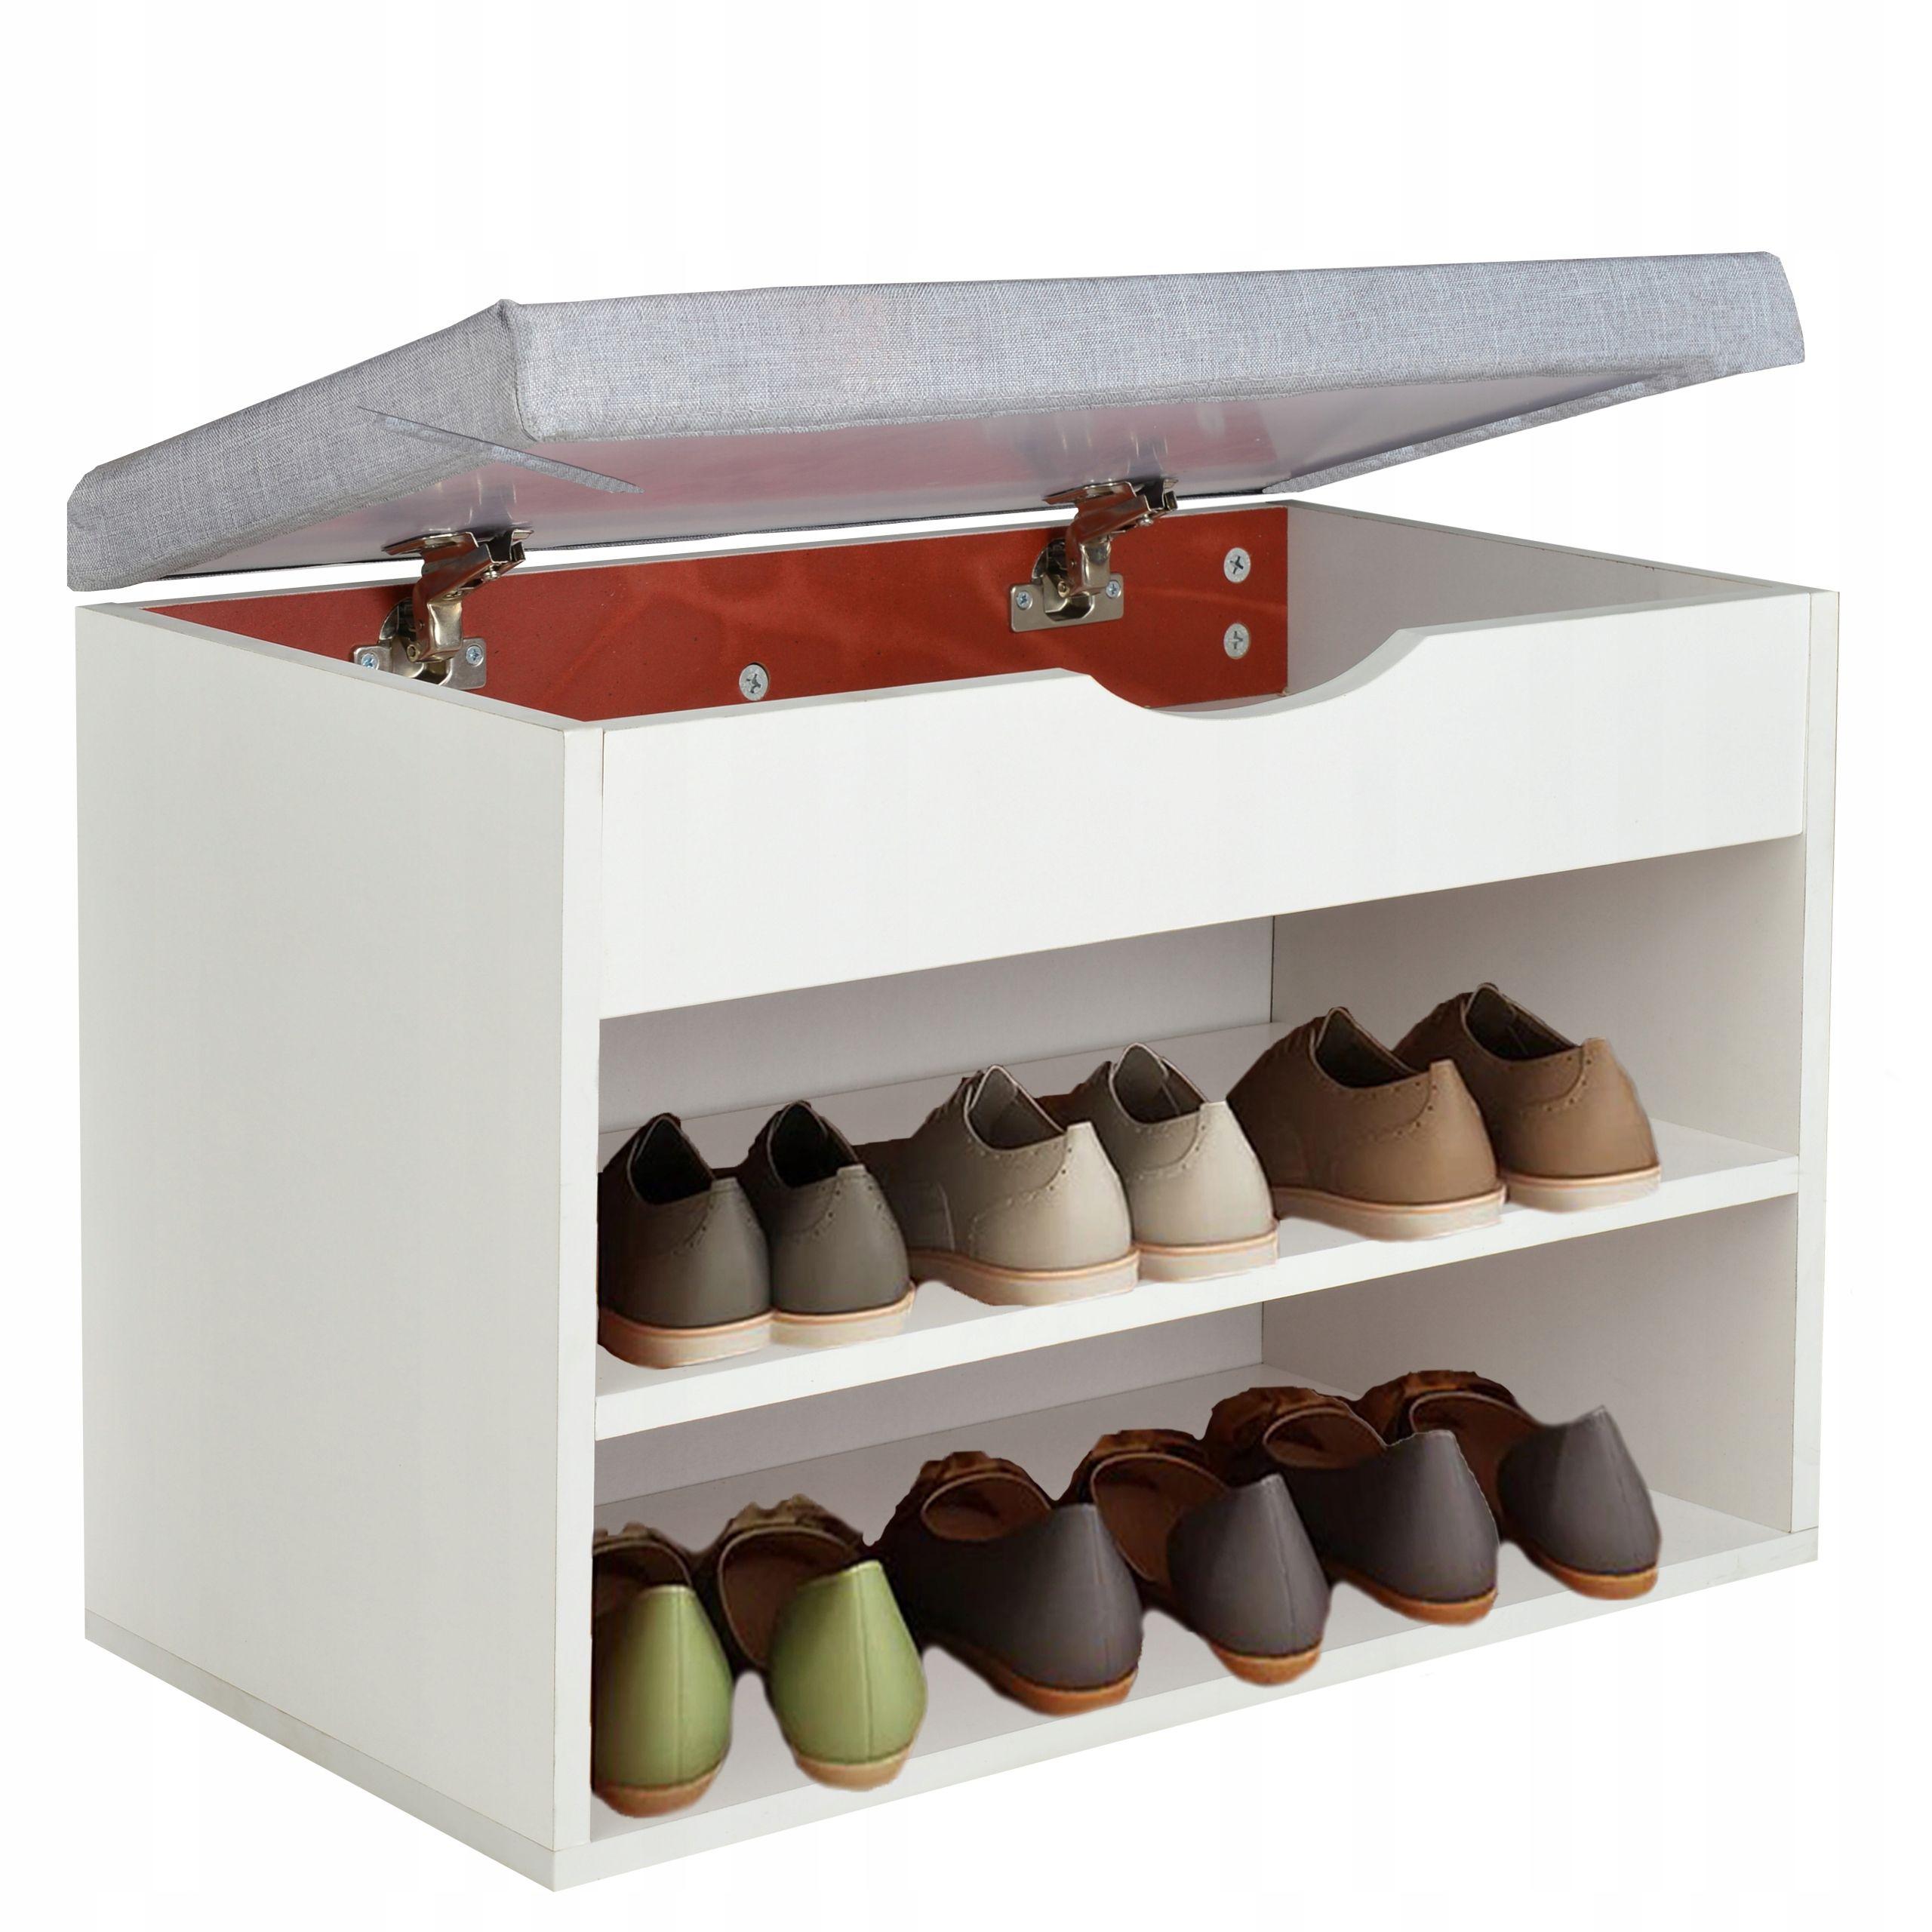 Kup Teraz Na Allegro Pl Za 99 00 Zl Szafka Na Buty Z Siedziskiem I Schowek 60cm Biala 7917576430 Allegro Pl Radosc Zakupow I Shoe Rack Woodworking Home